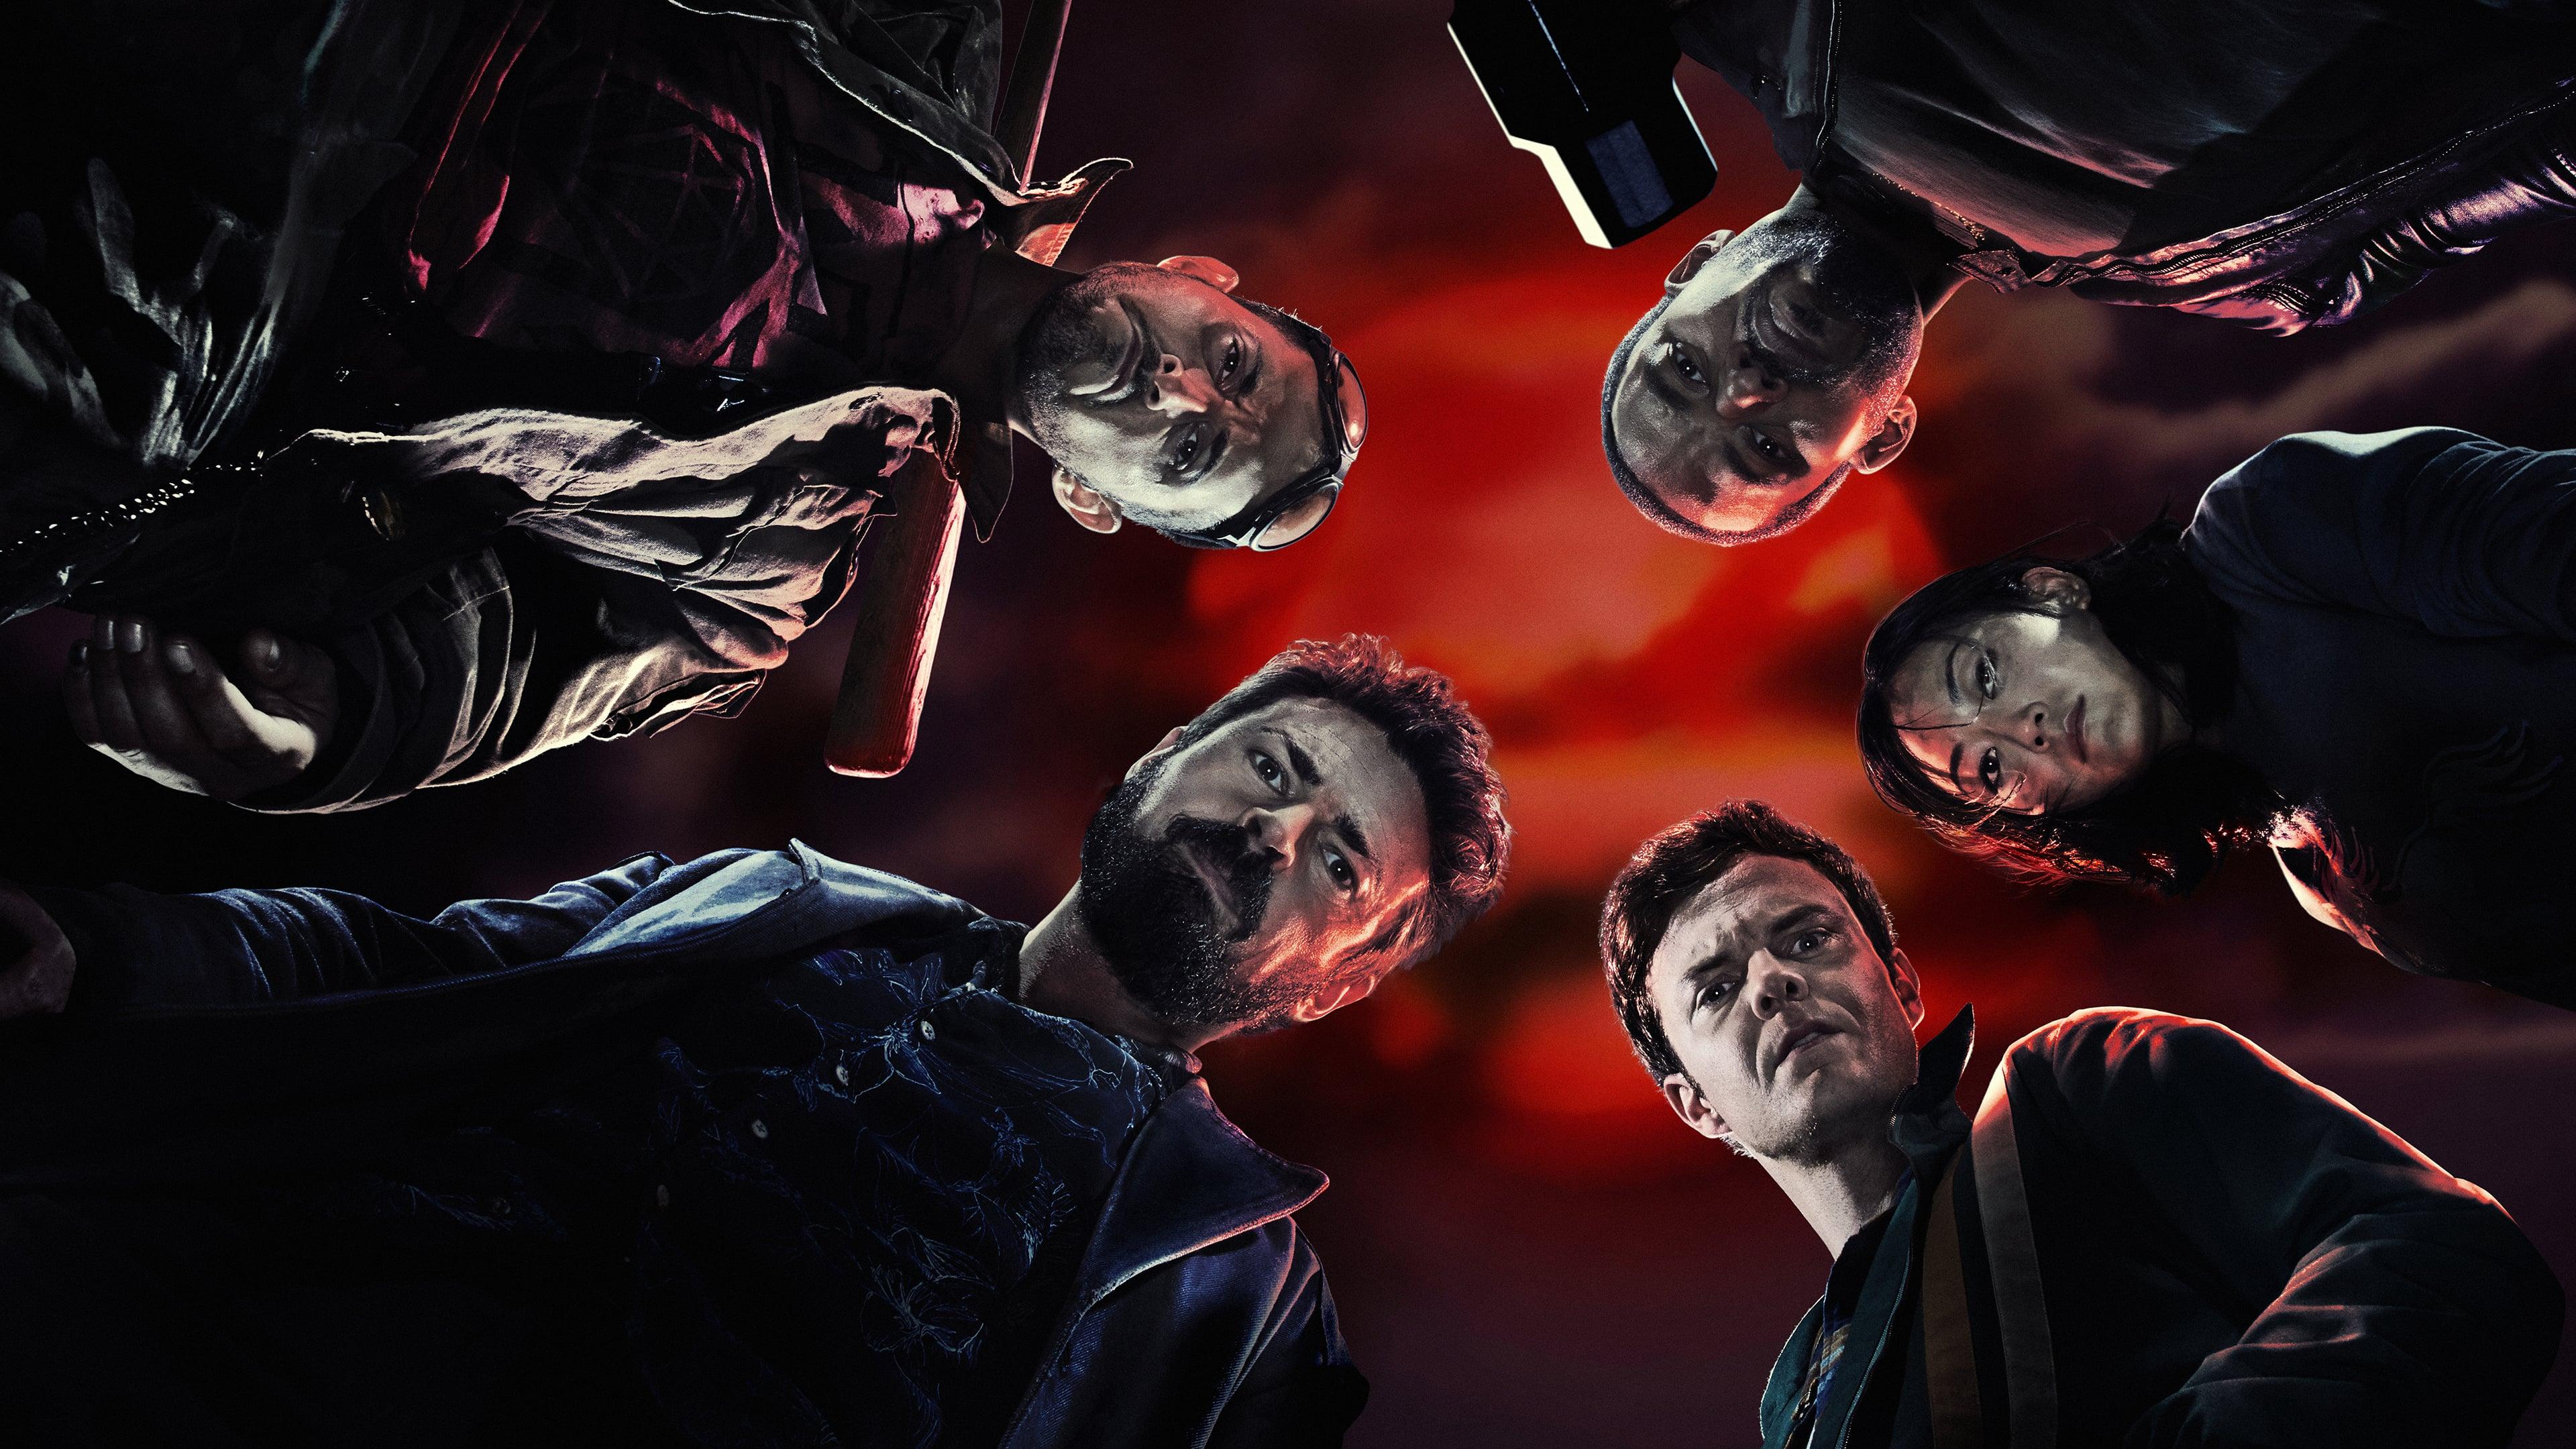 2020年最火爆10大剧集,《后翼弃兵》第六,《暗黑》仅第三